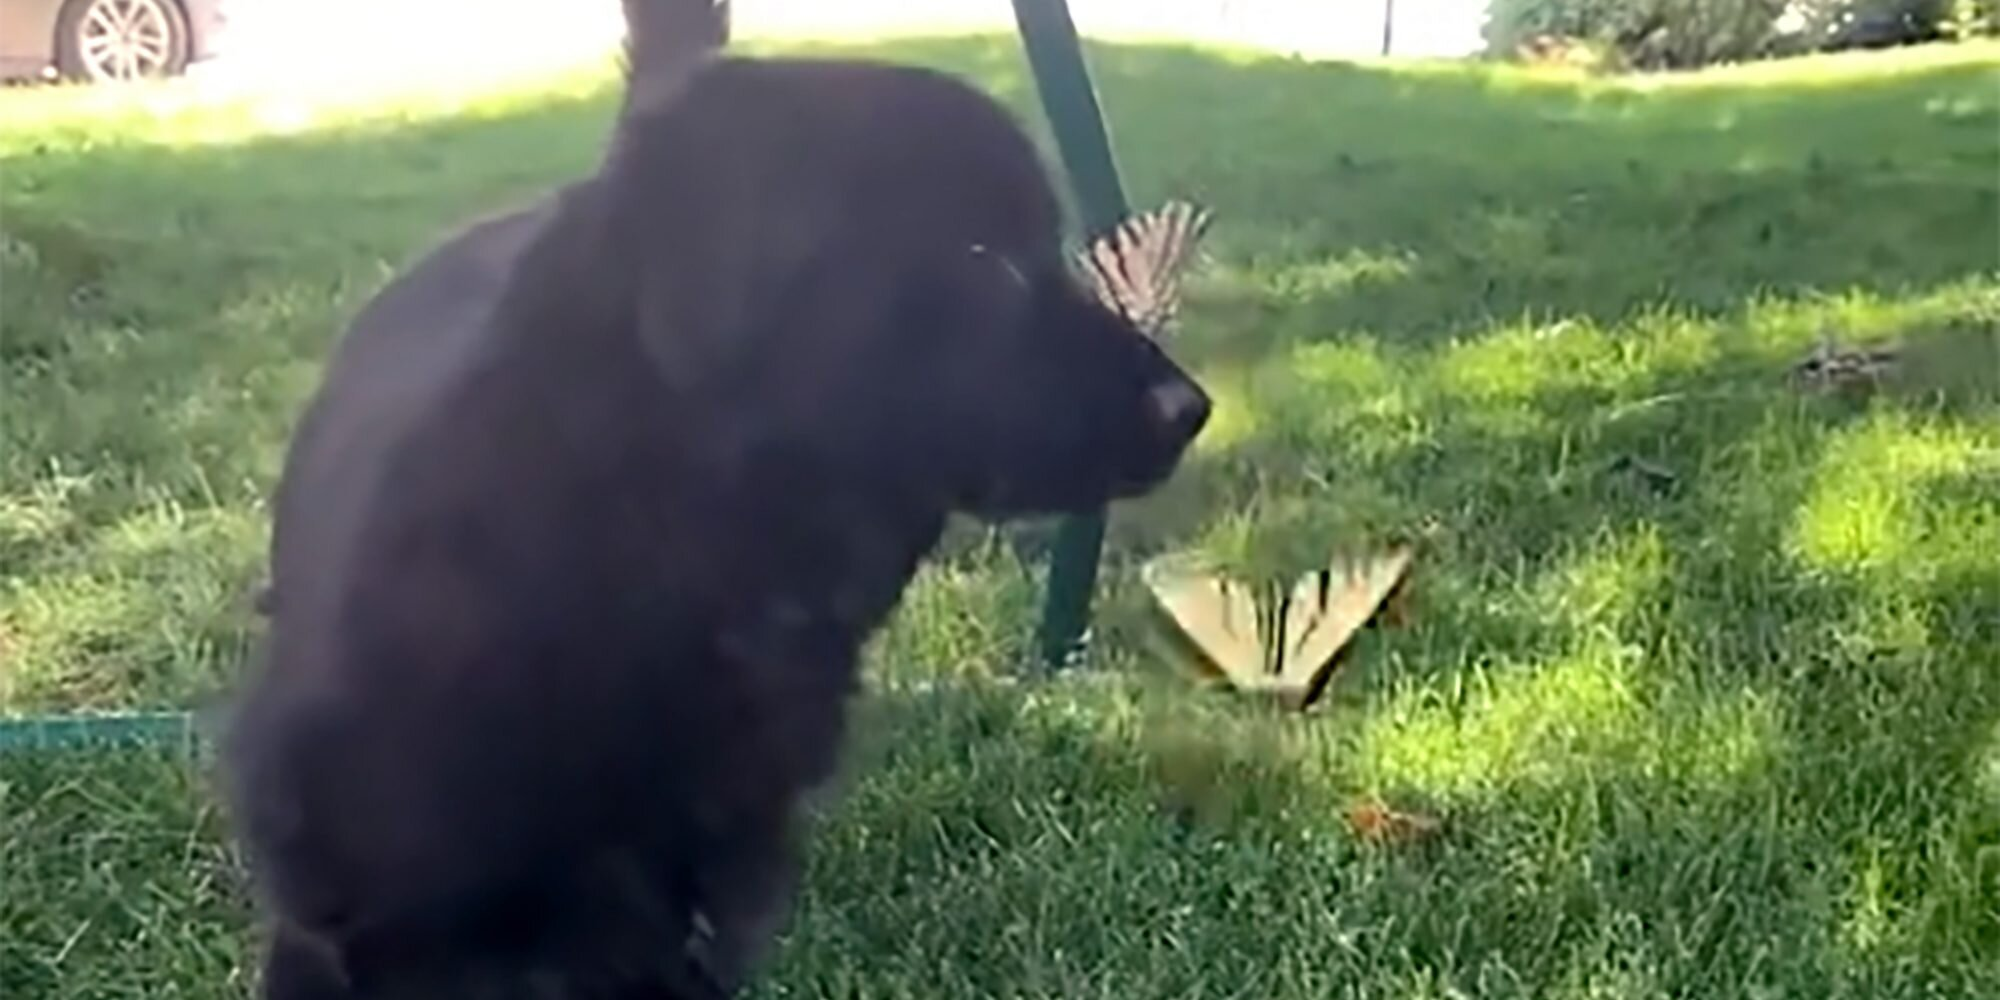 Meet Gordo, the Adorable Dog Version of Snow White